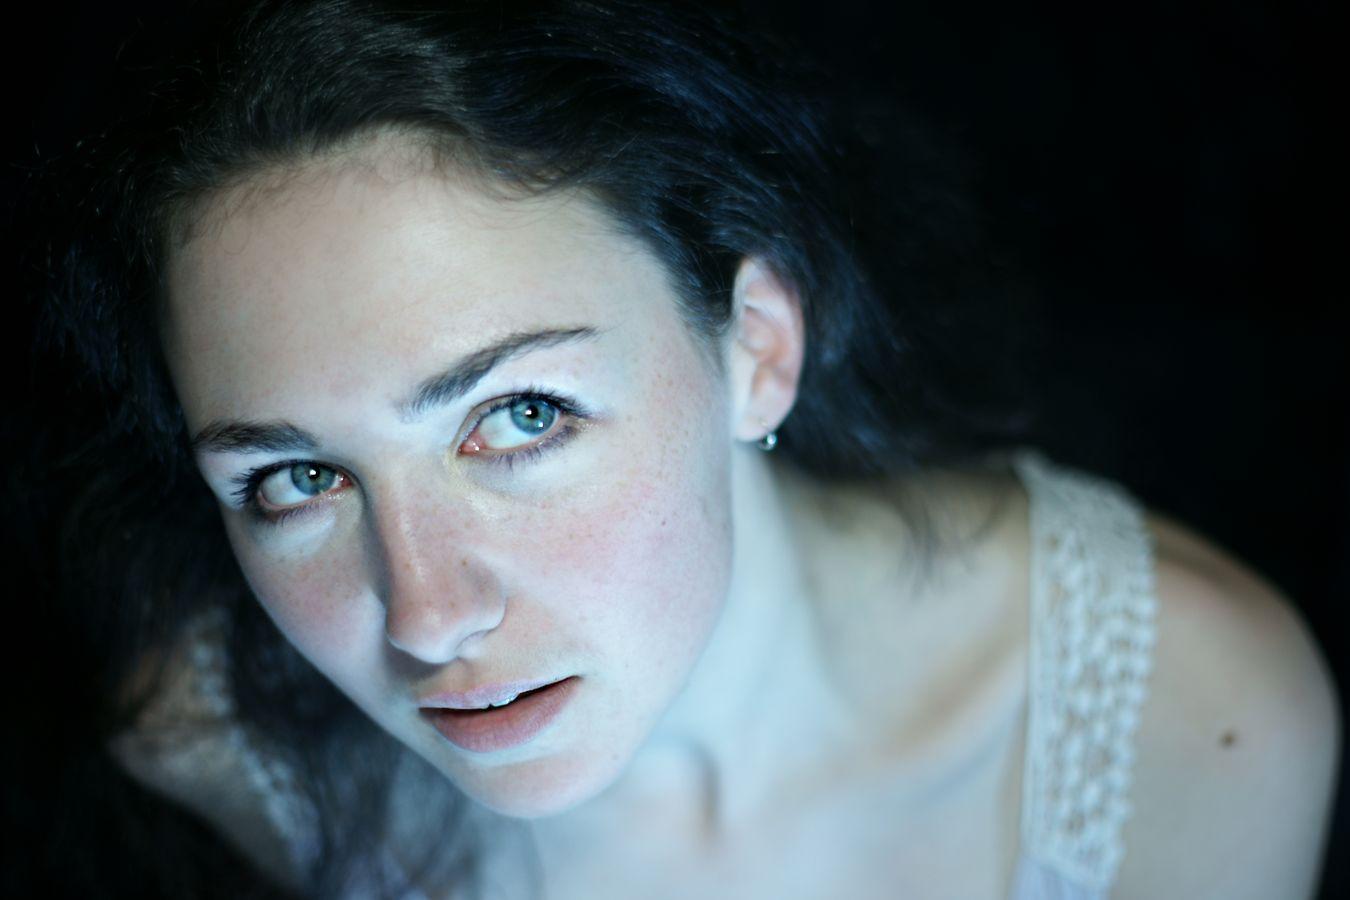 Portrait d'Iris qui porte un débardeur blanc avec de la guipure sur son épaule. Ses grands yeux bleus regardent sur le côté et elle ébauche un sourire.